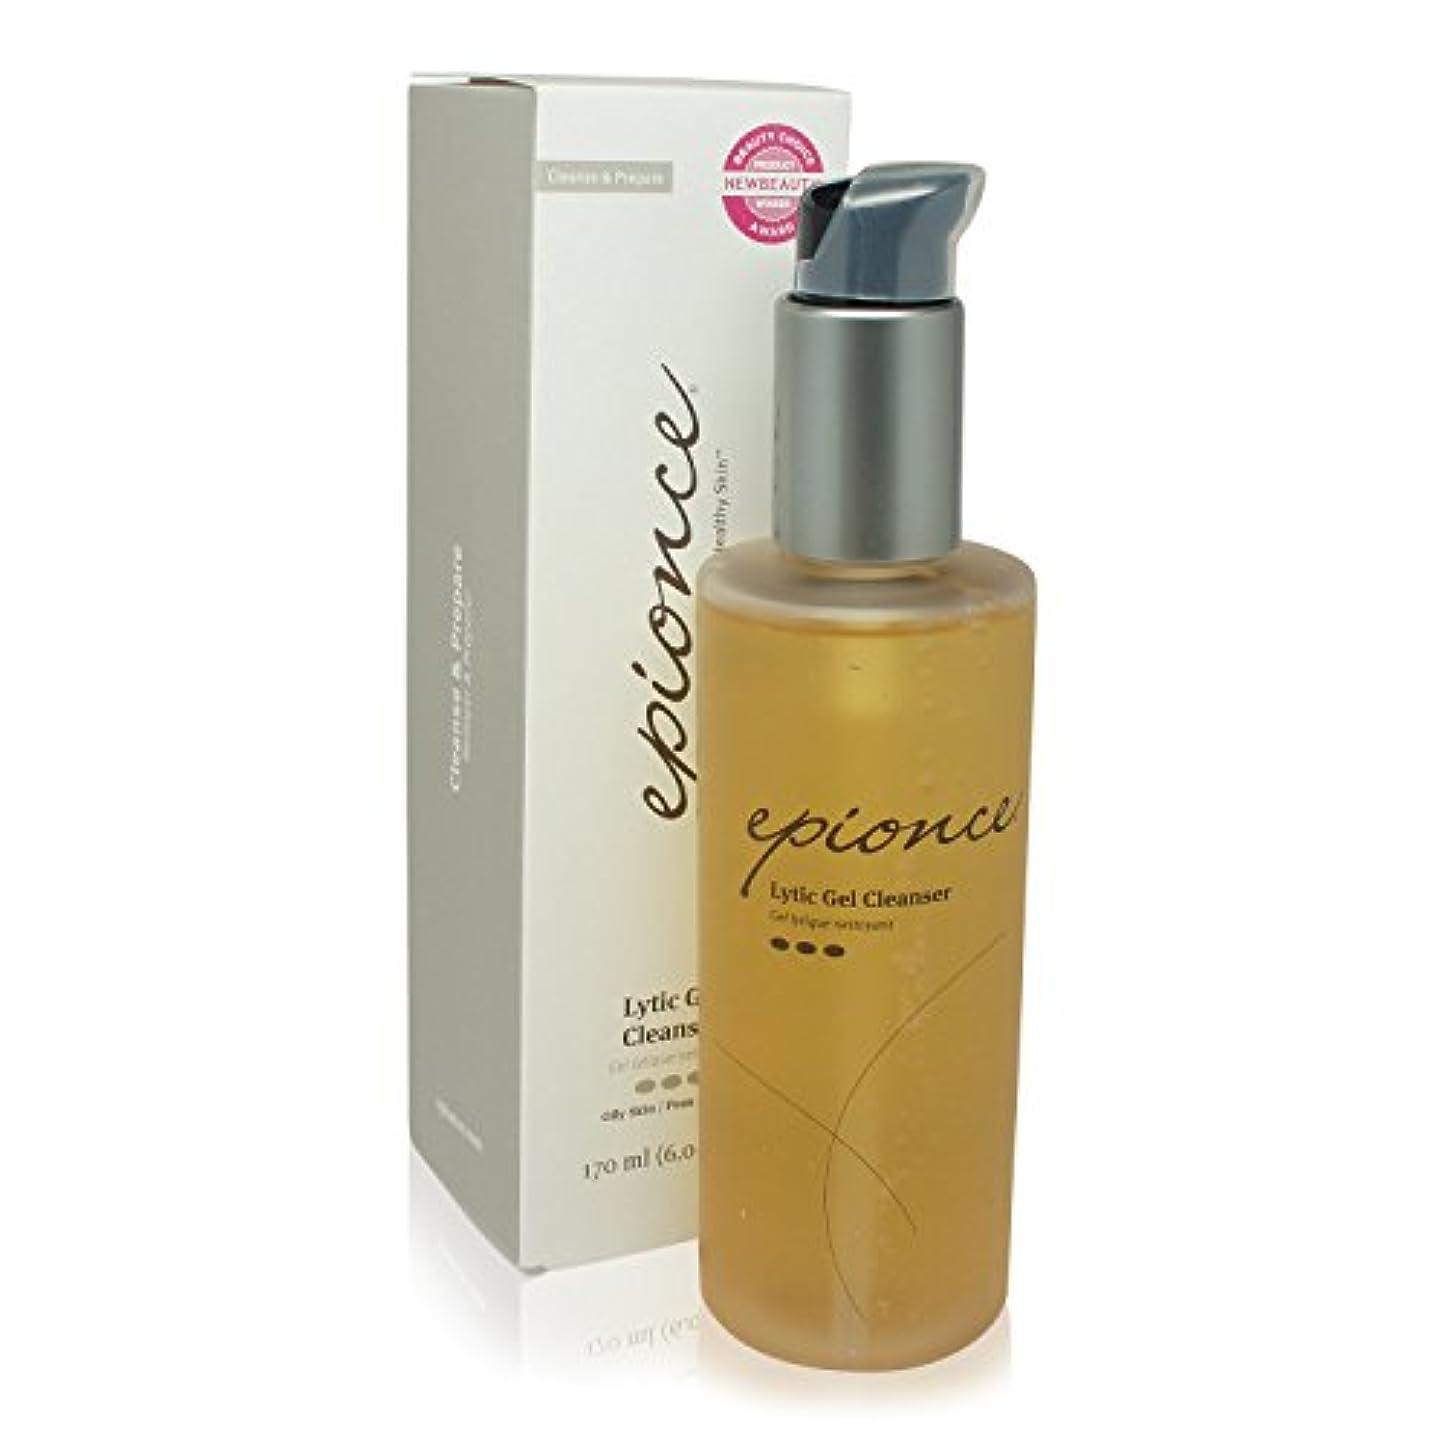 める分析する来てEpionce Lytic Gel Cleanser - For Combination to Oily/Problem Skin 170ml/6oz並行輸入品